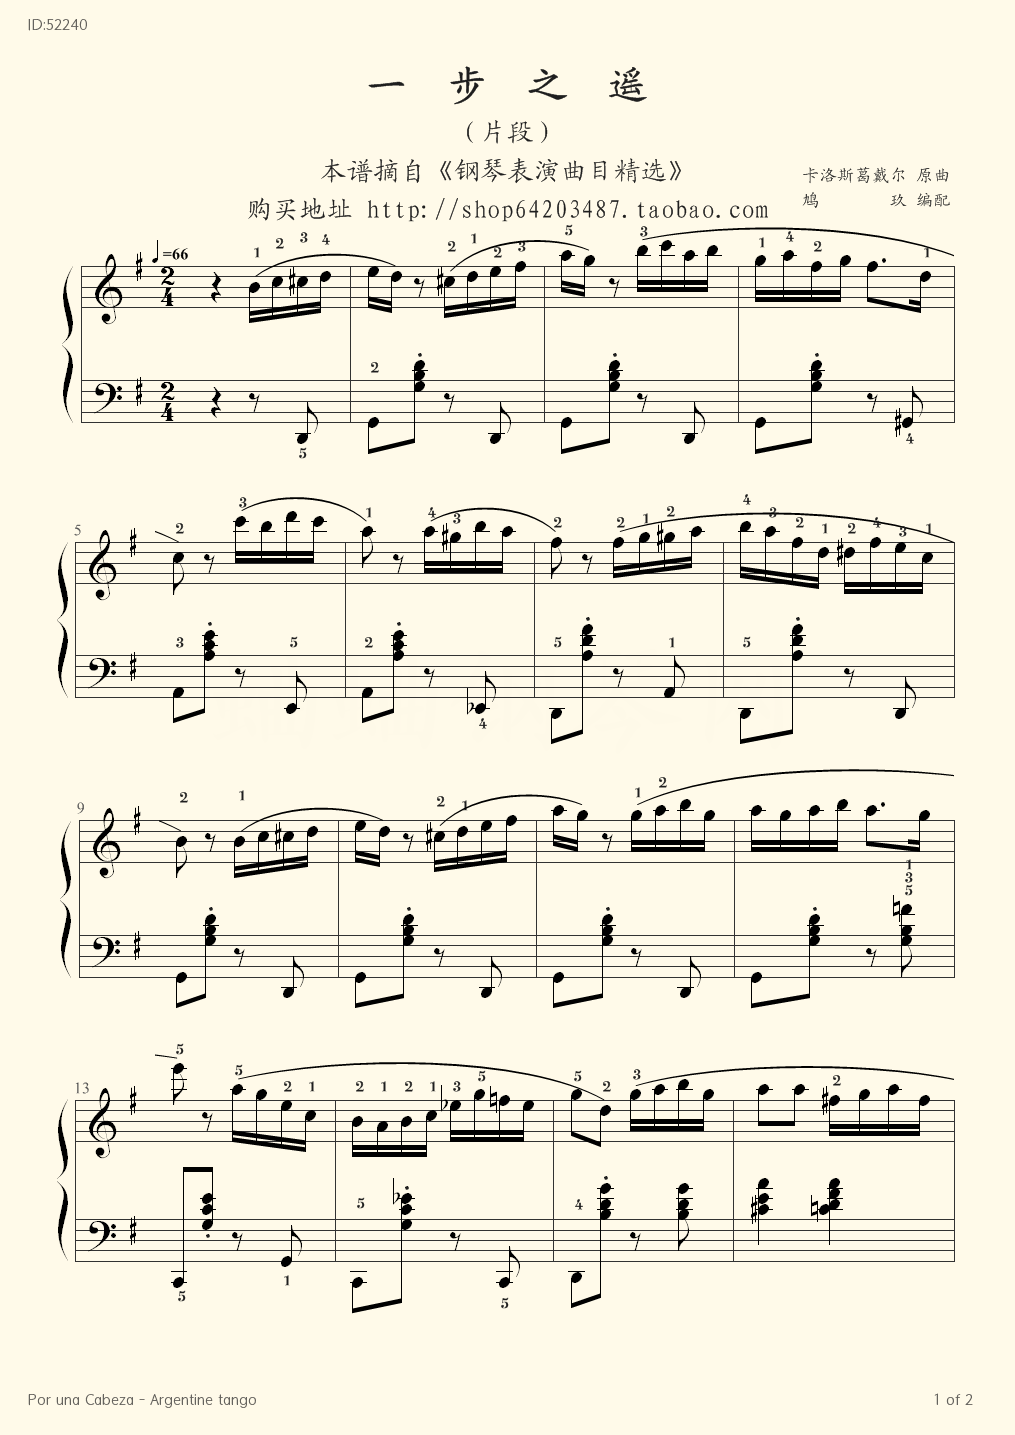 Por una Cabeza Argentine tango - Thomas Newman - first page